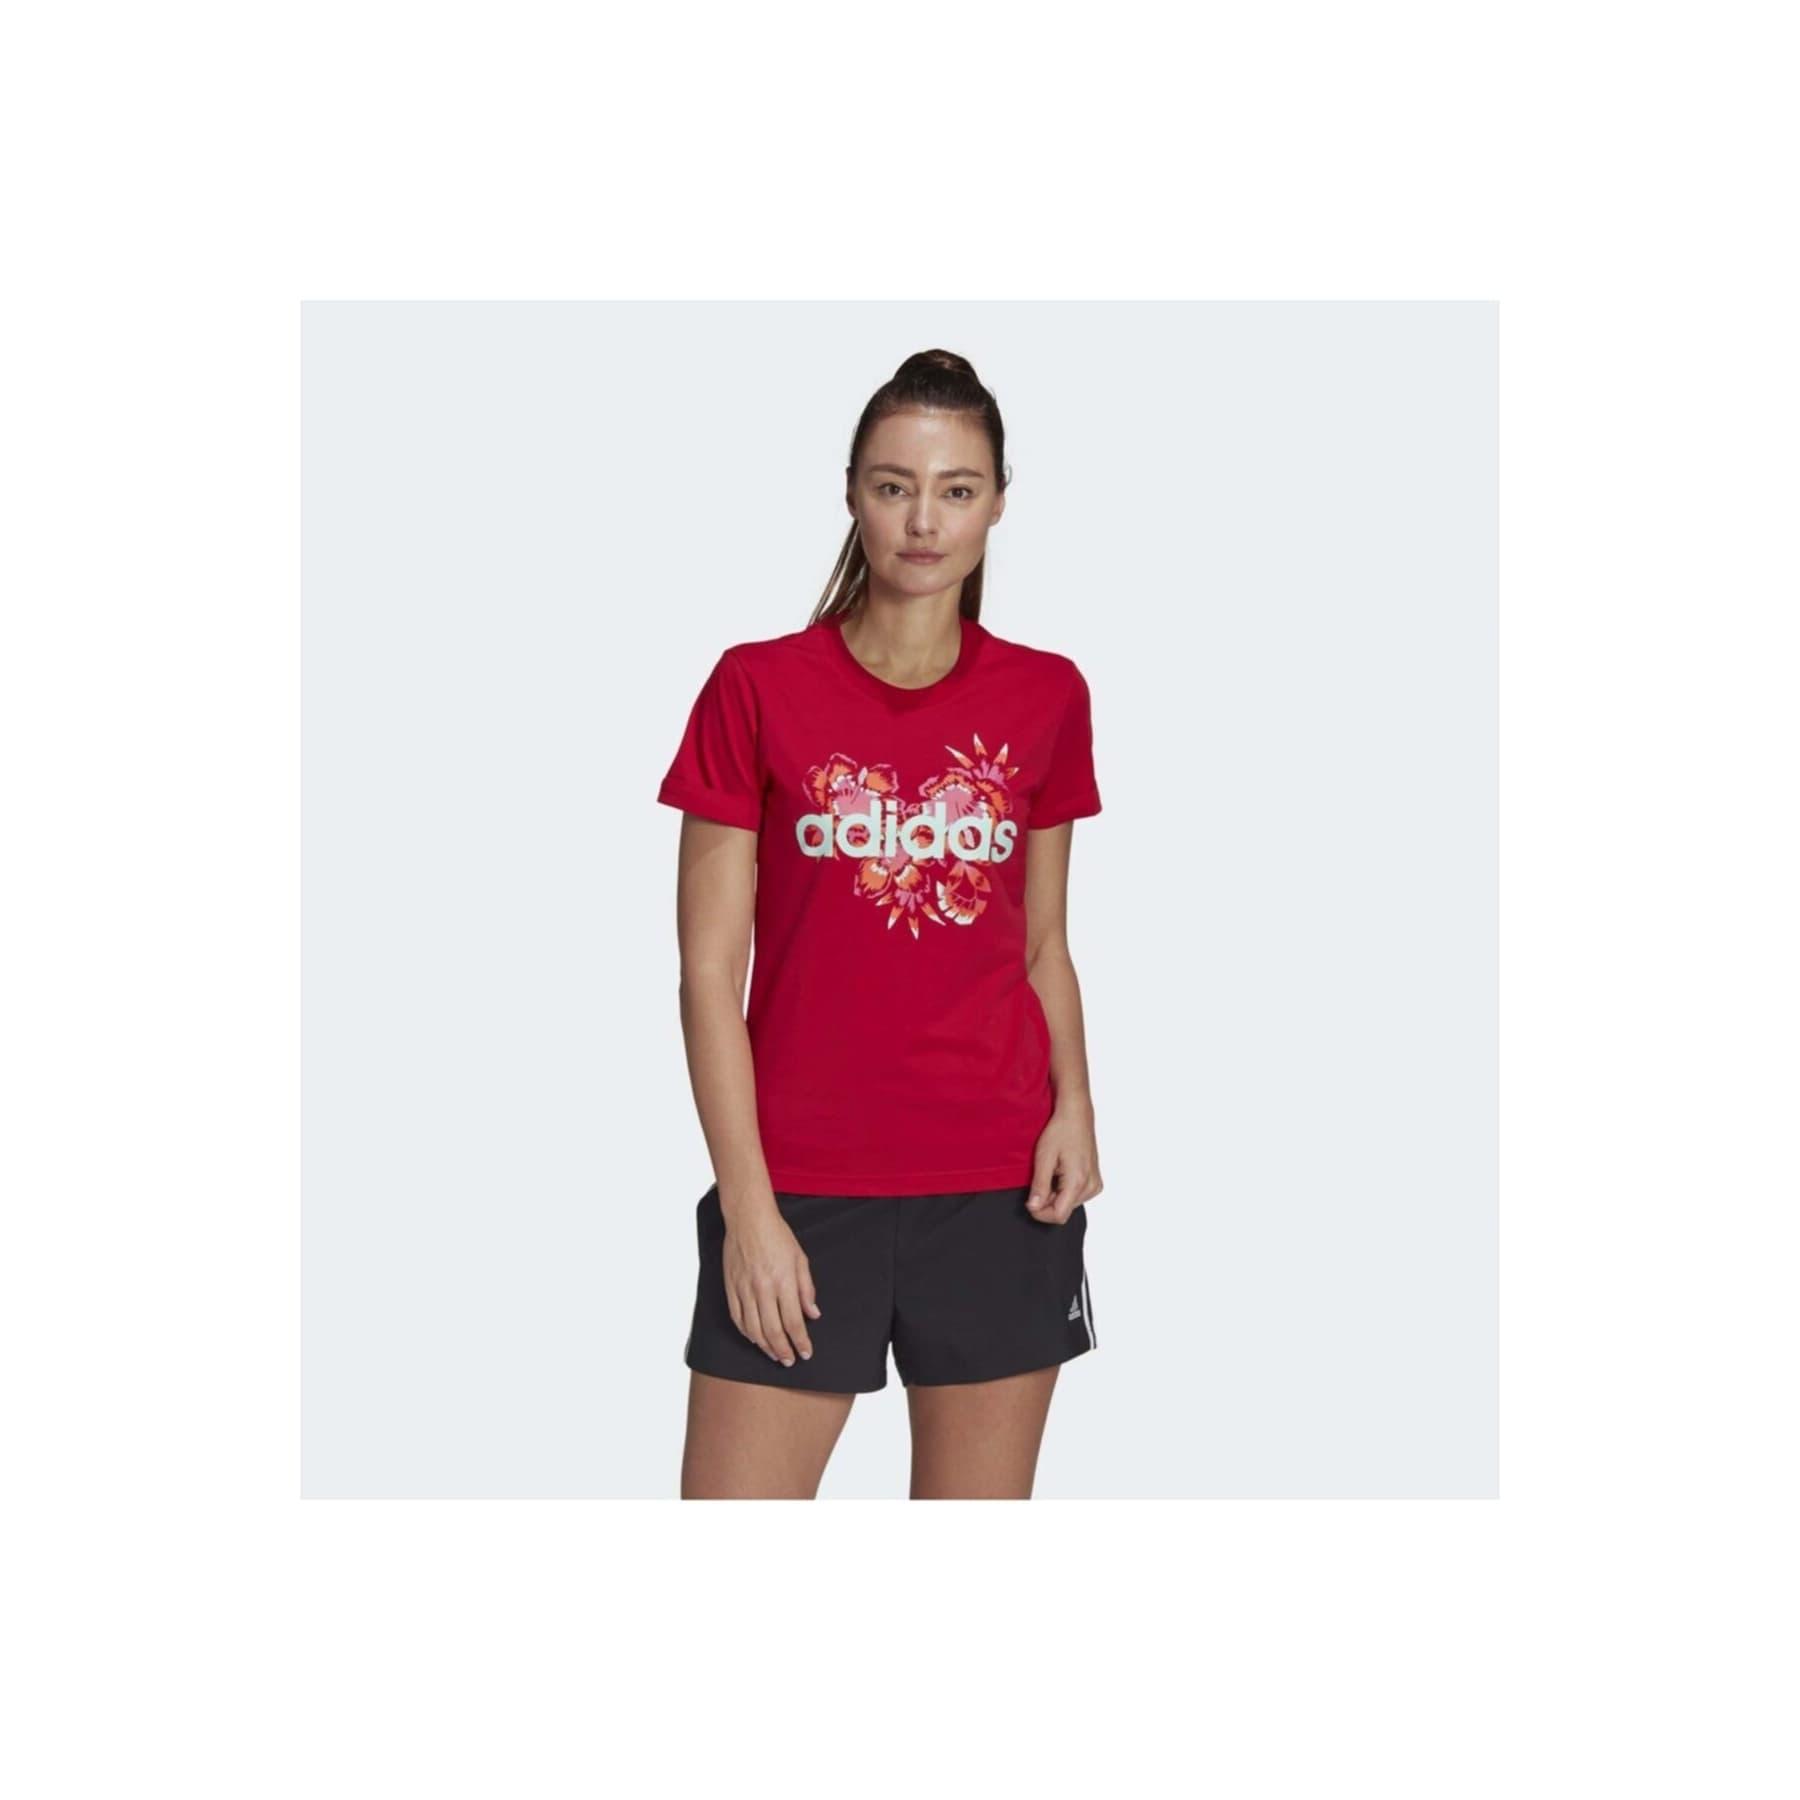 Farm Rio Floral Graphic Kadın Kırmızı Tişört (GL0833)